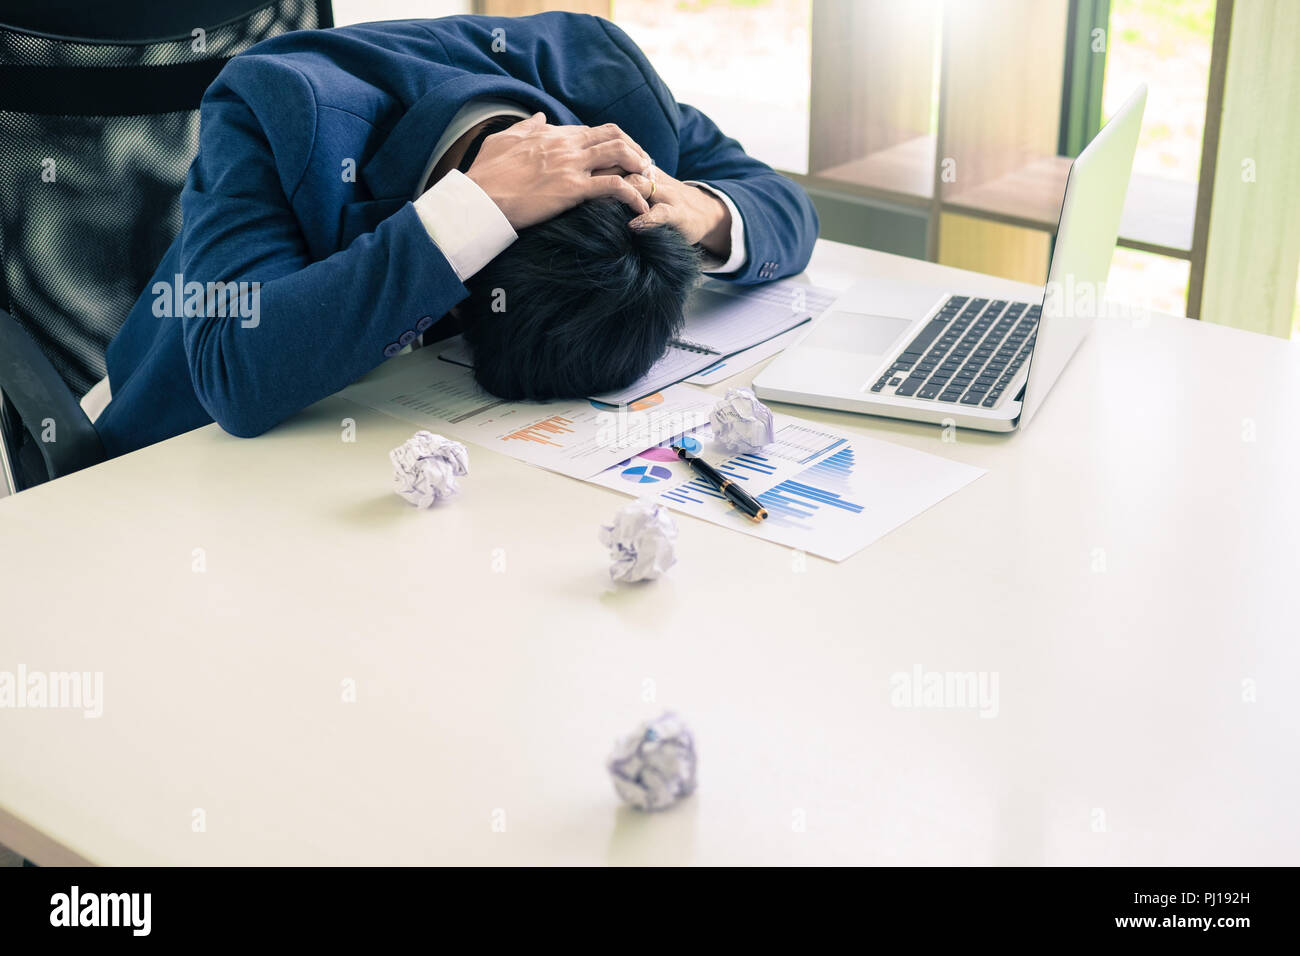 Niedergeschlagen und müde Geschäftsmann Ende traurig und Problembehebung im Amt. im Tagungsraum. betont und bei der Arbeit Krise Konzept besorgt. Stockfoto